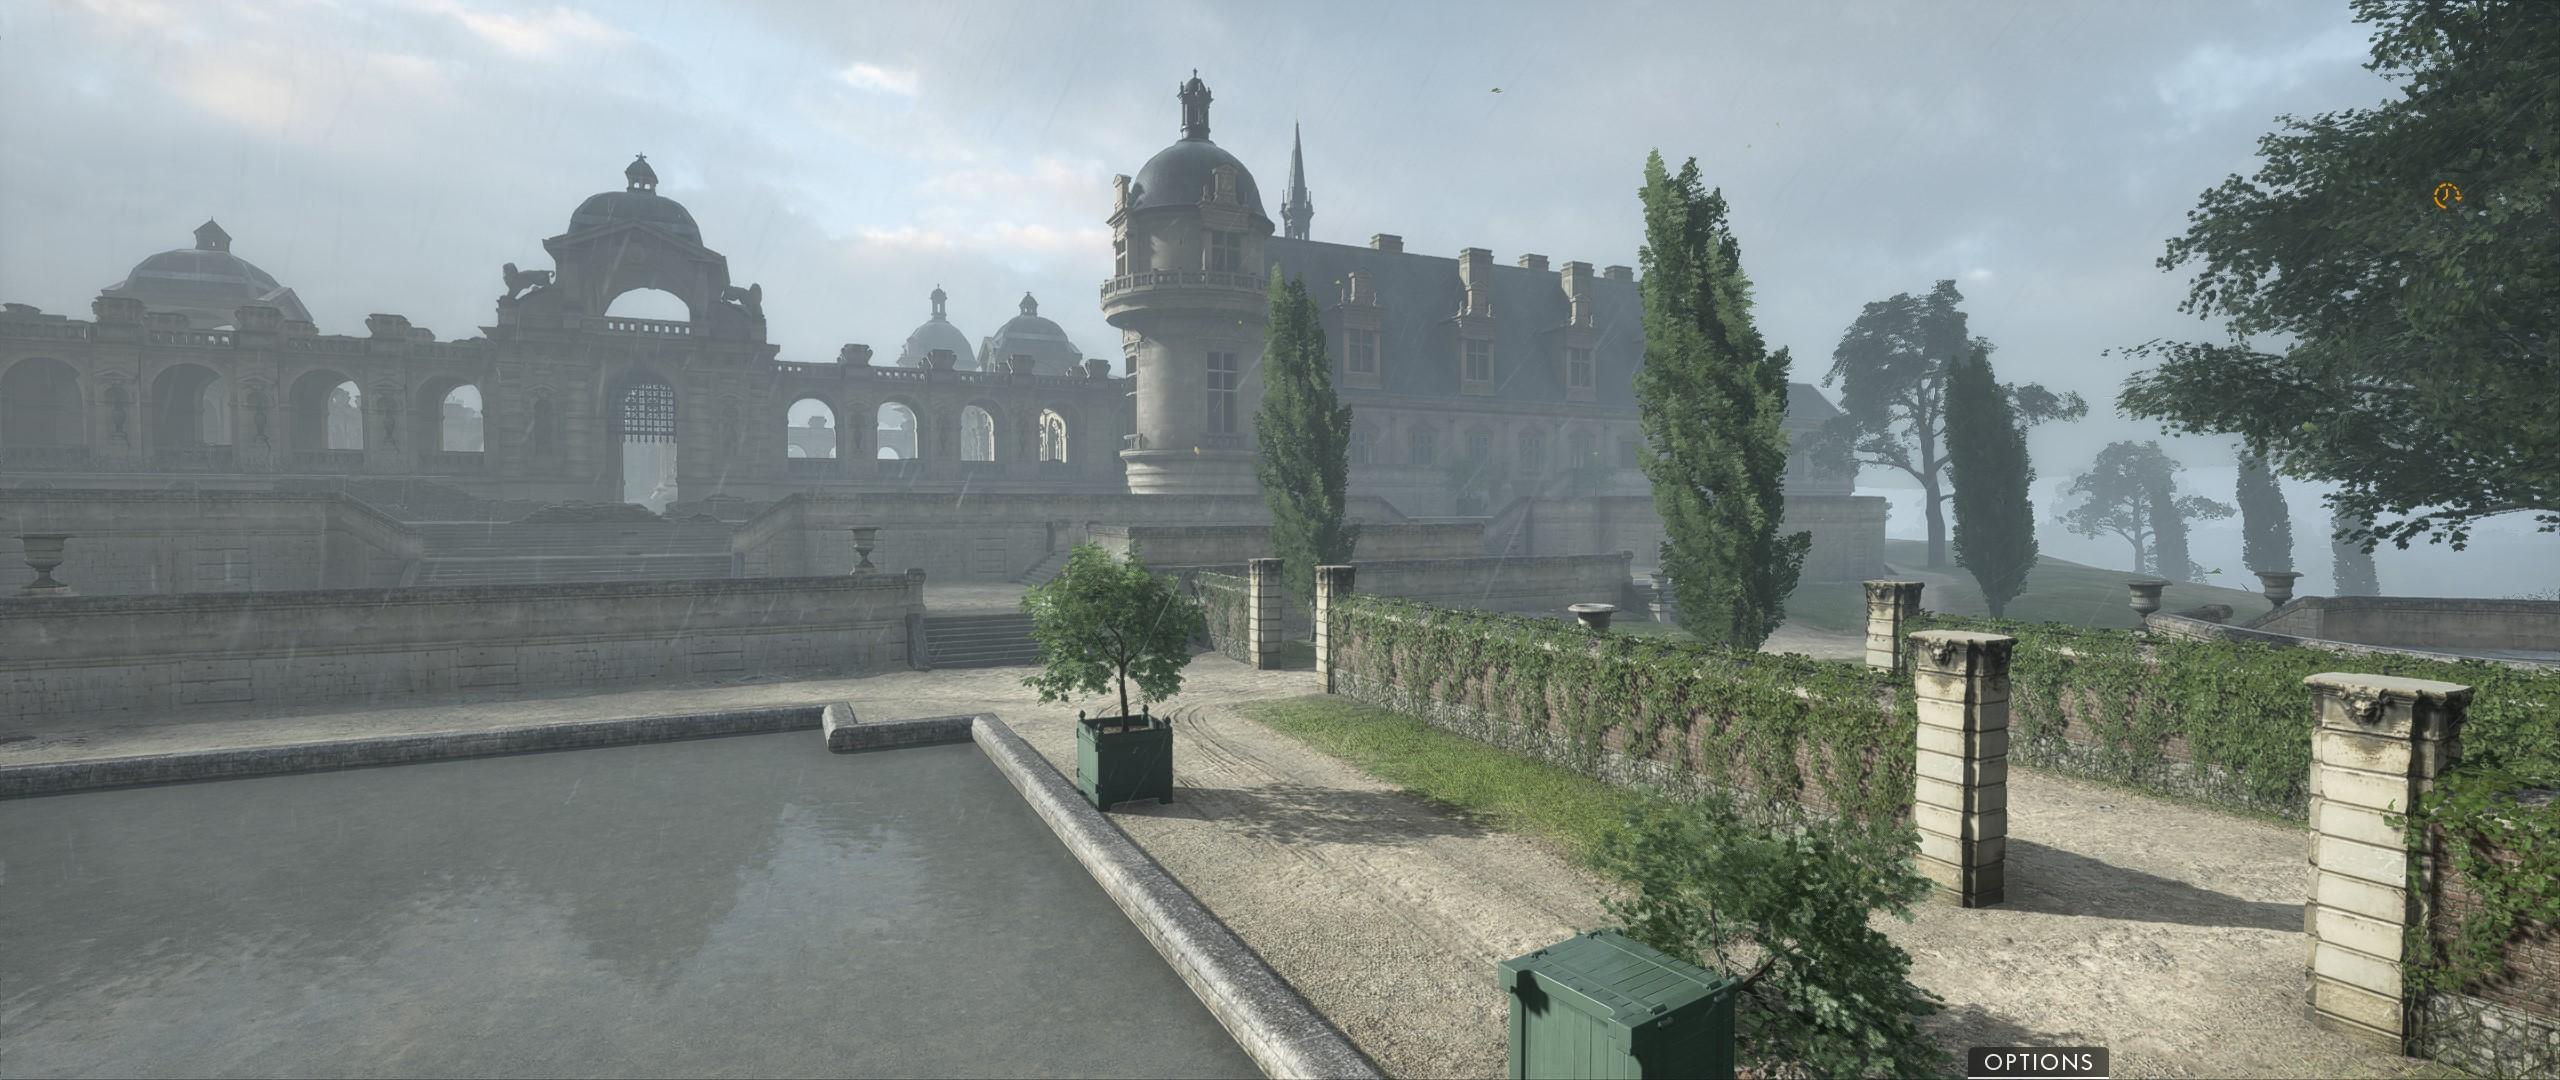 chateau (11).jpg